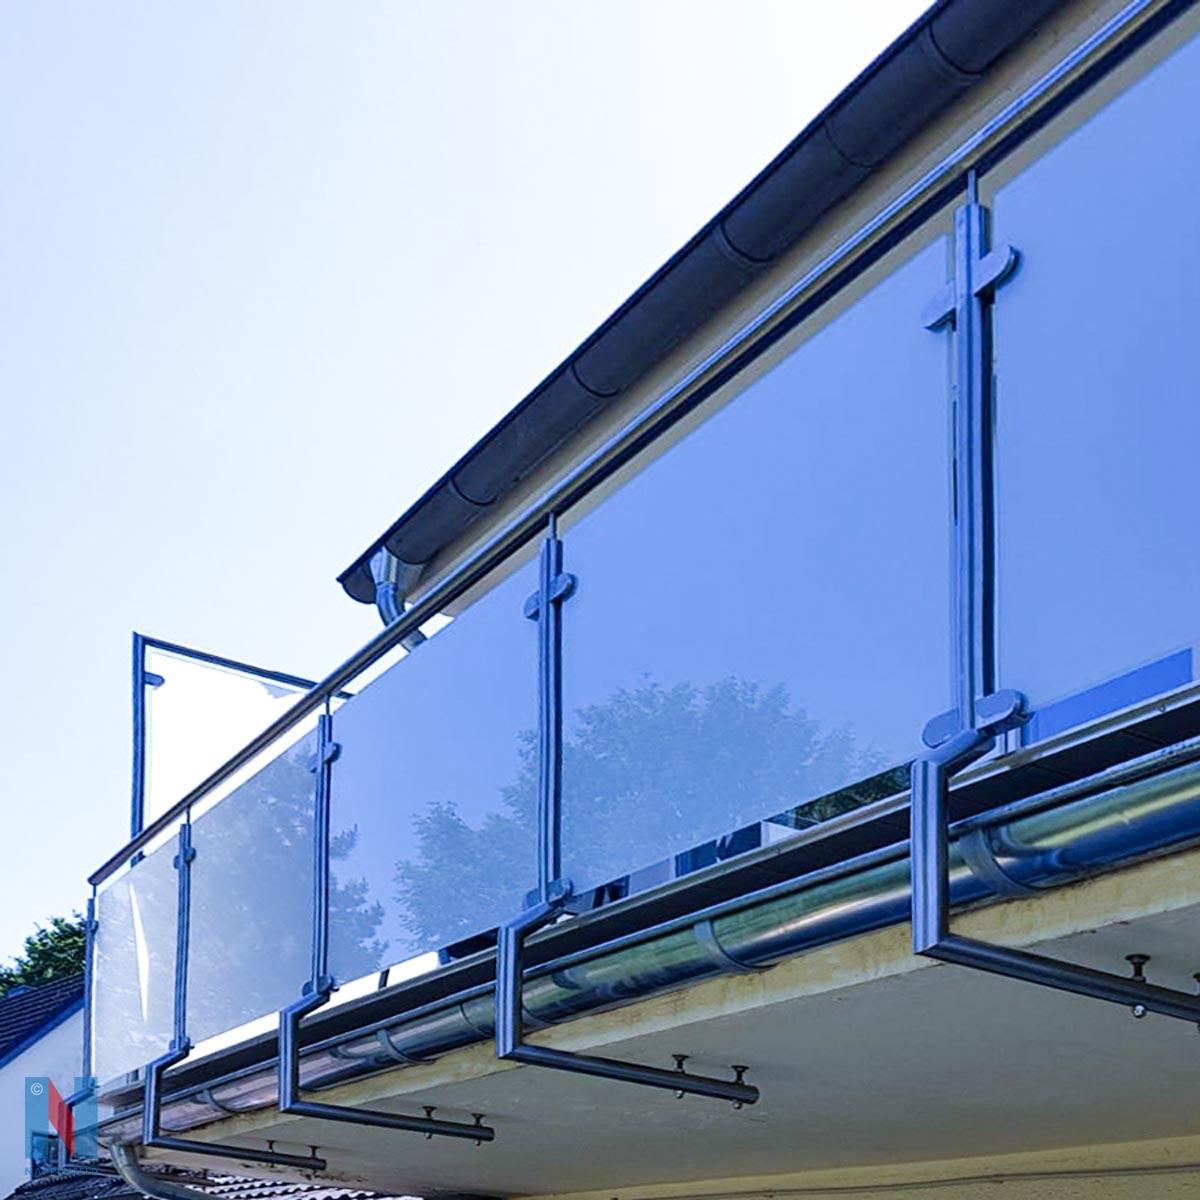 Balkongeländer plus Trennwand in Mühlheim, geplant und umgesetzt von der Edelstahlschlosserei Nappenfeld aus Mülheim